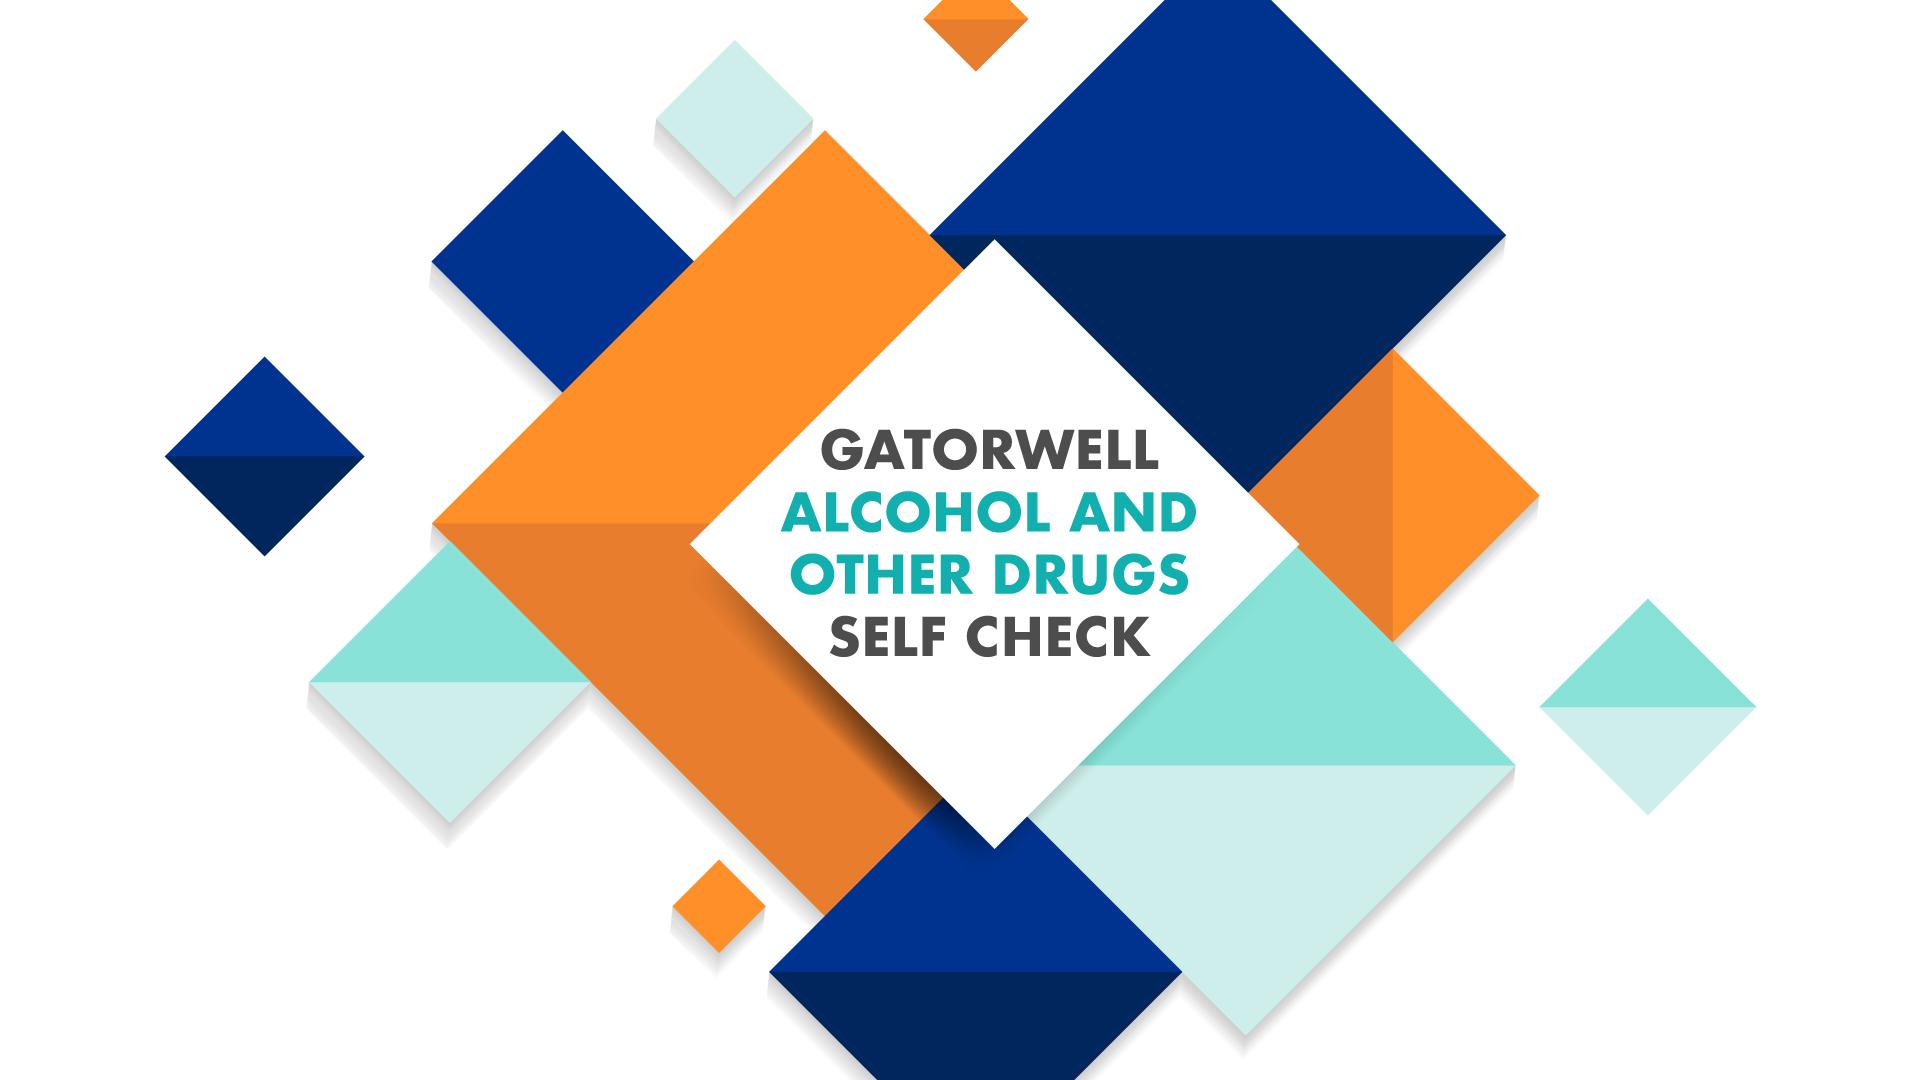 gatorwell.ufsa.ufl.edu | GatorWell Health Promotion Services